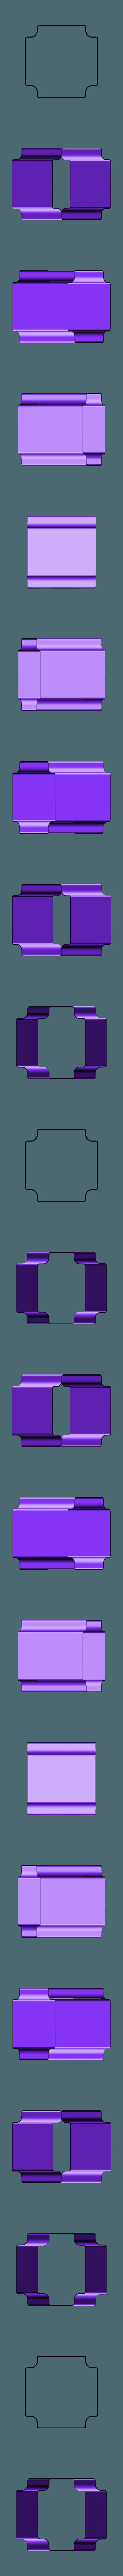 laminated_steel_part.stl Télécharger fichier STL gratuit Nema 23 Lampe à moteur pas à pas • Objet à imprimer en 3D, Job